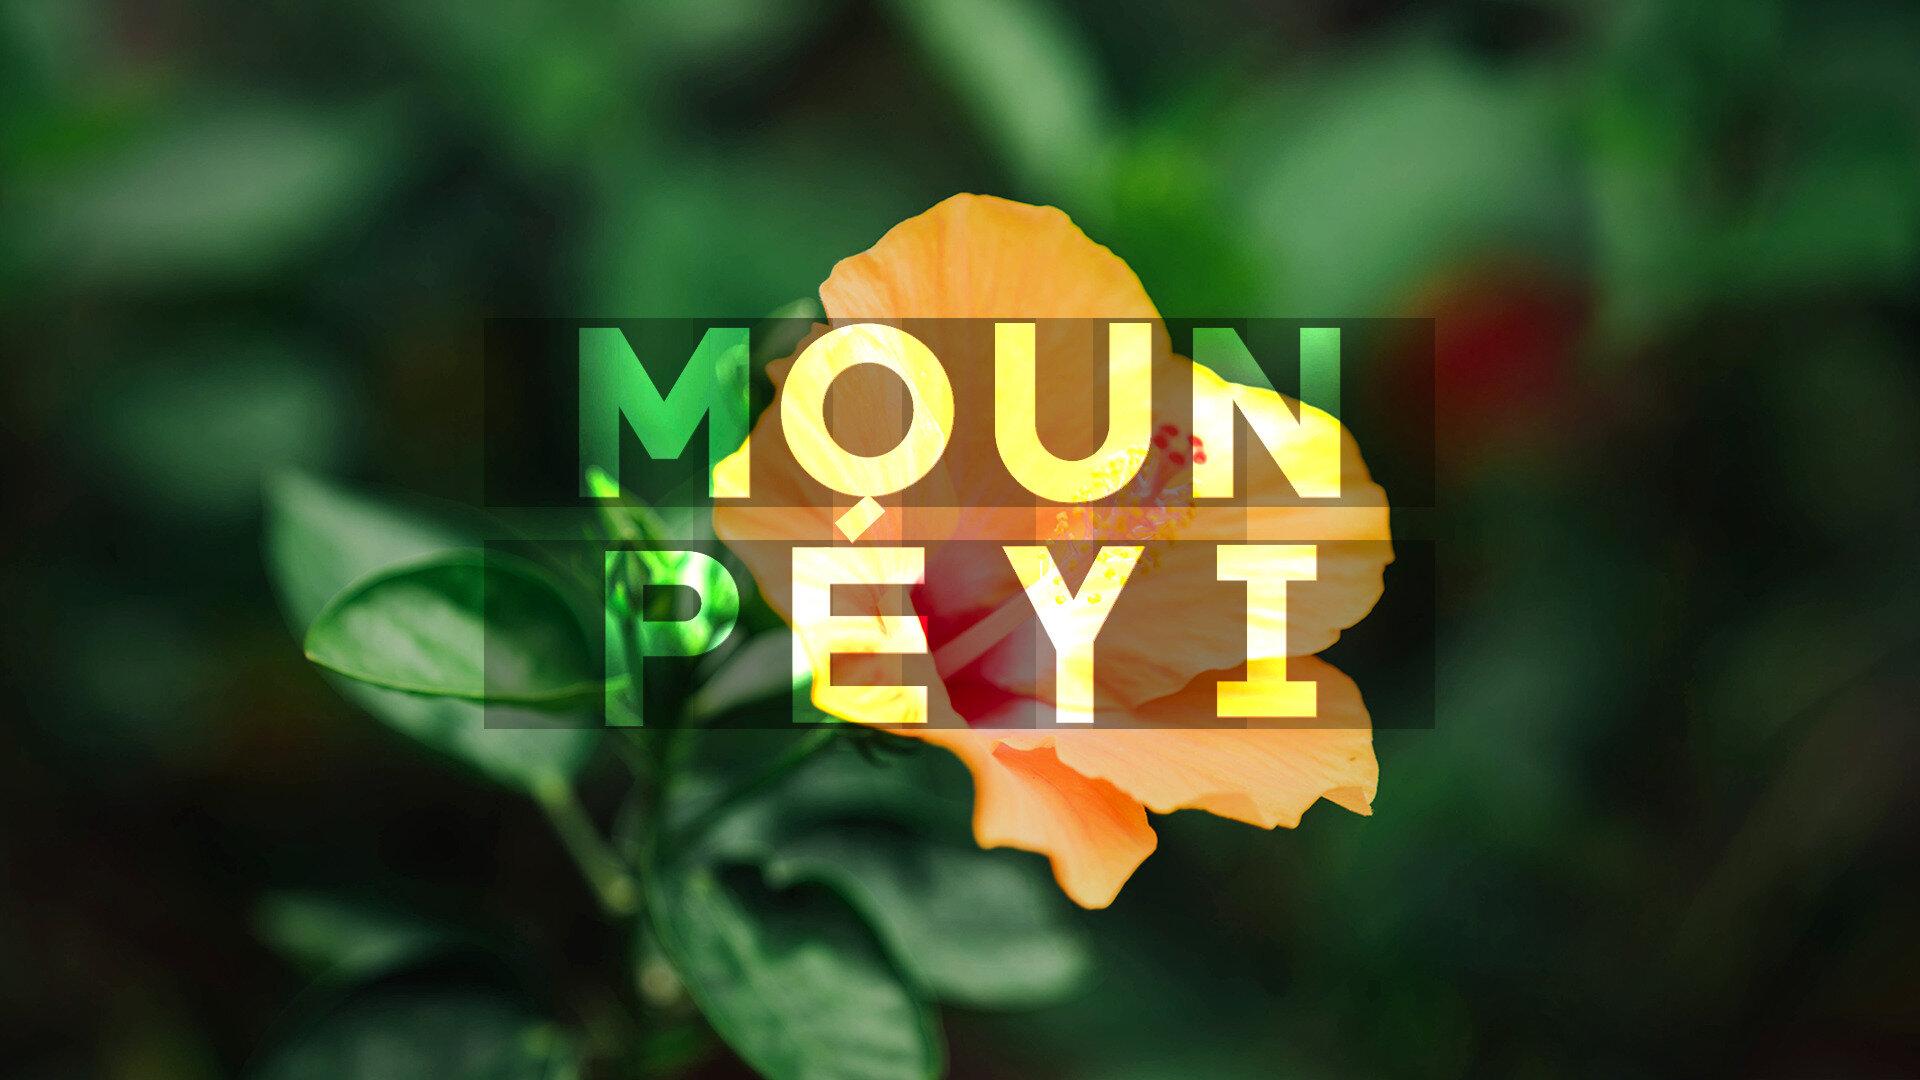 Moun péyi : Civil